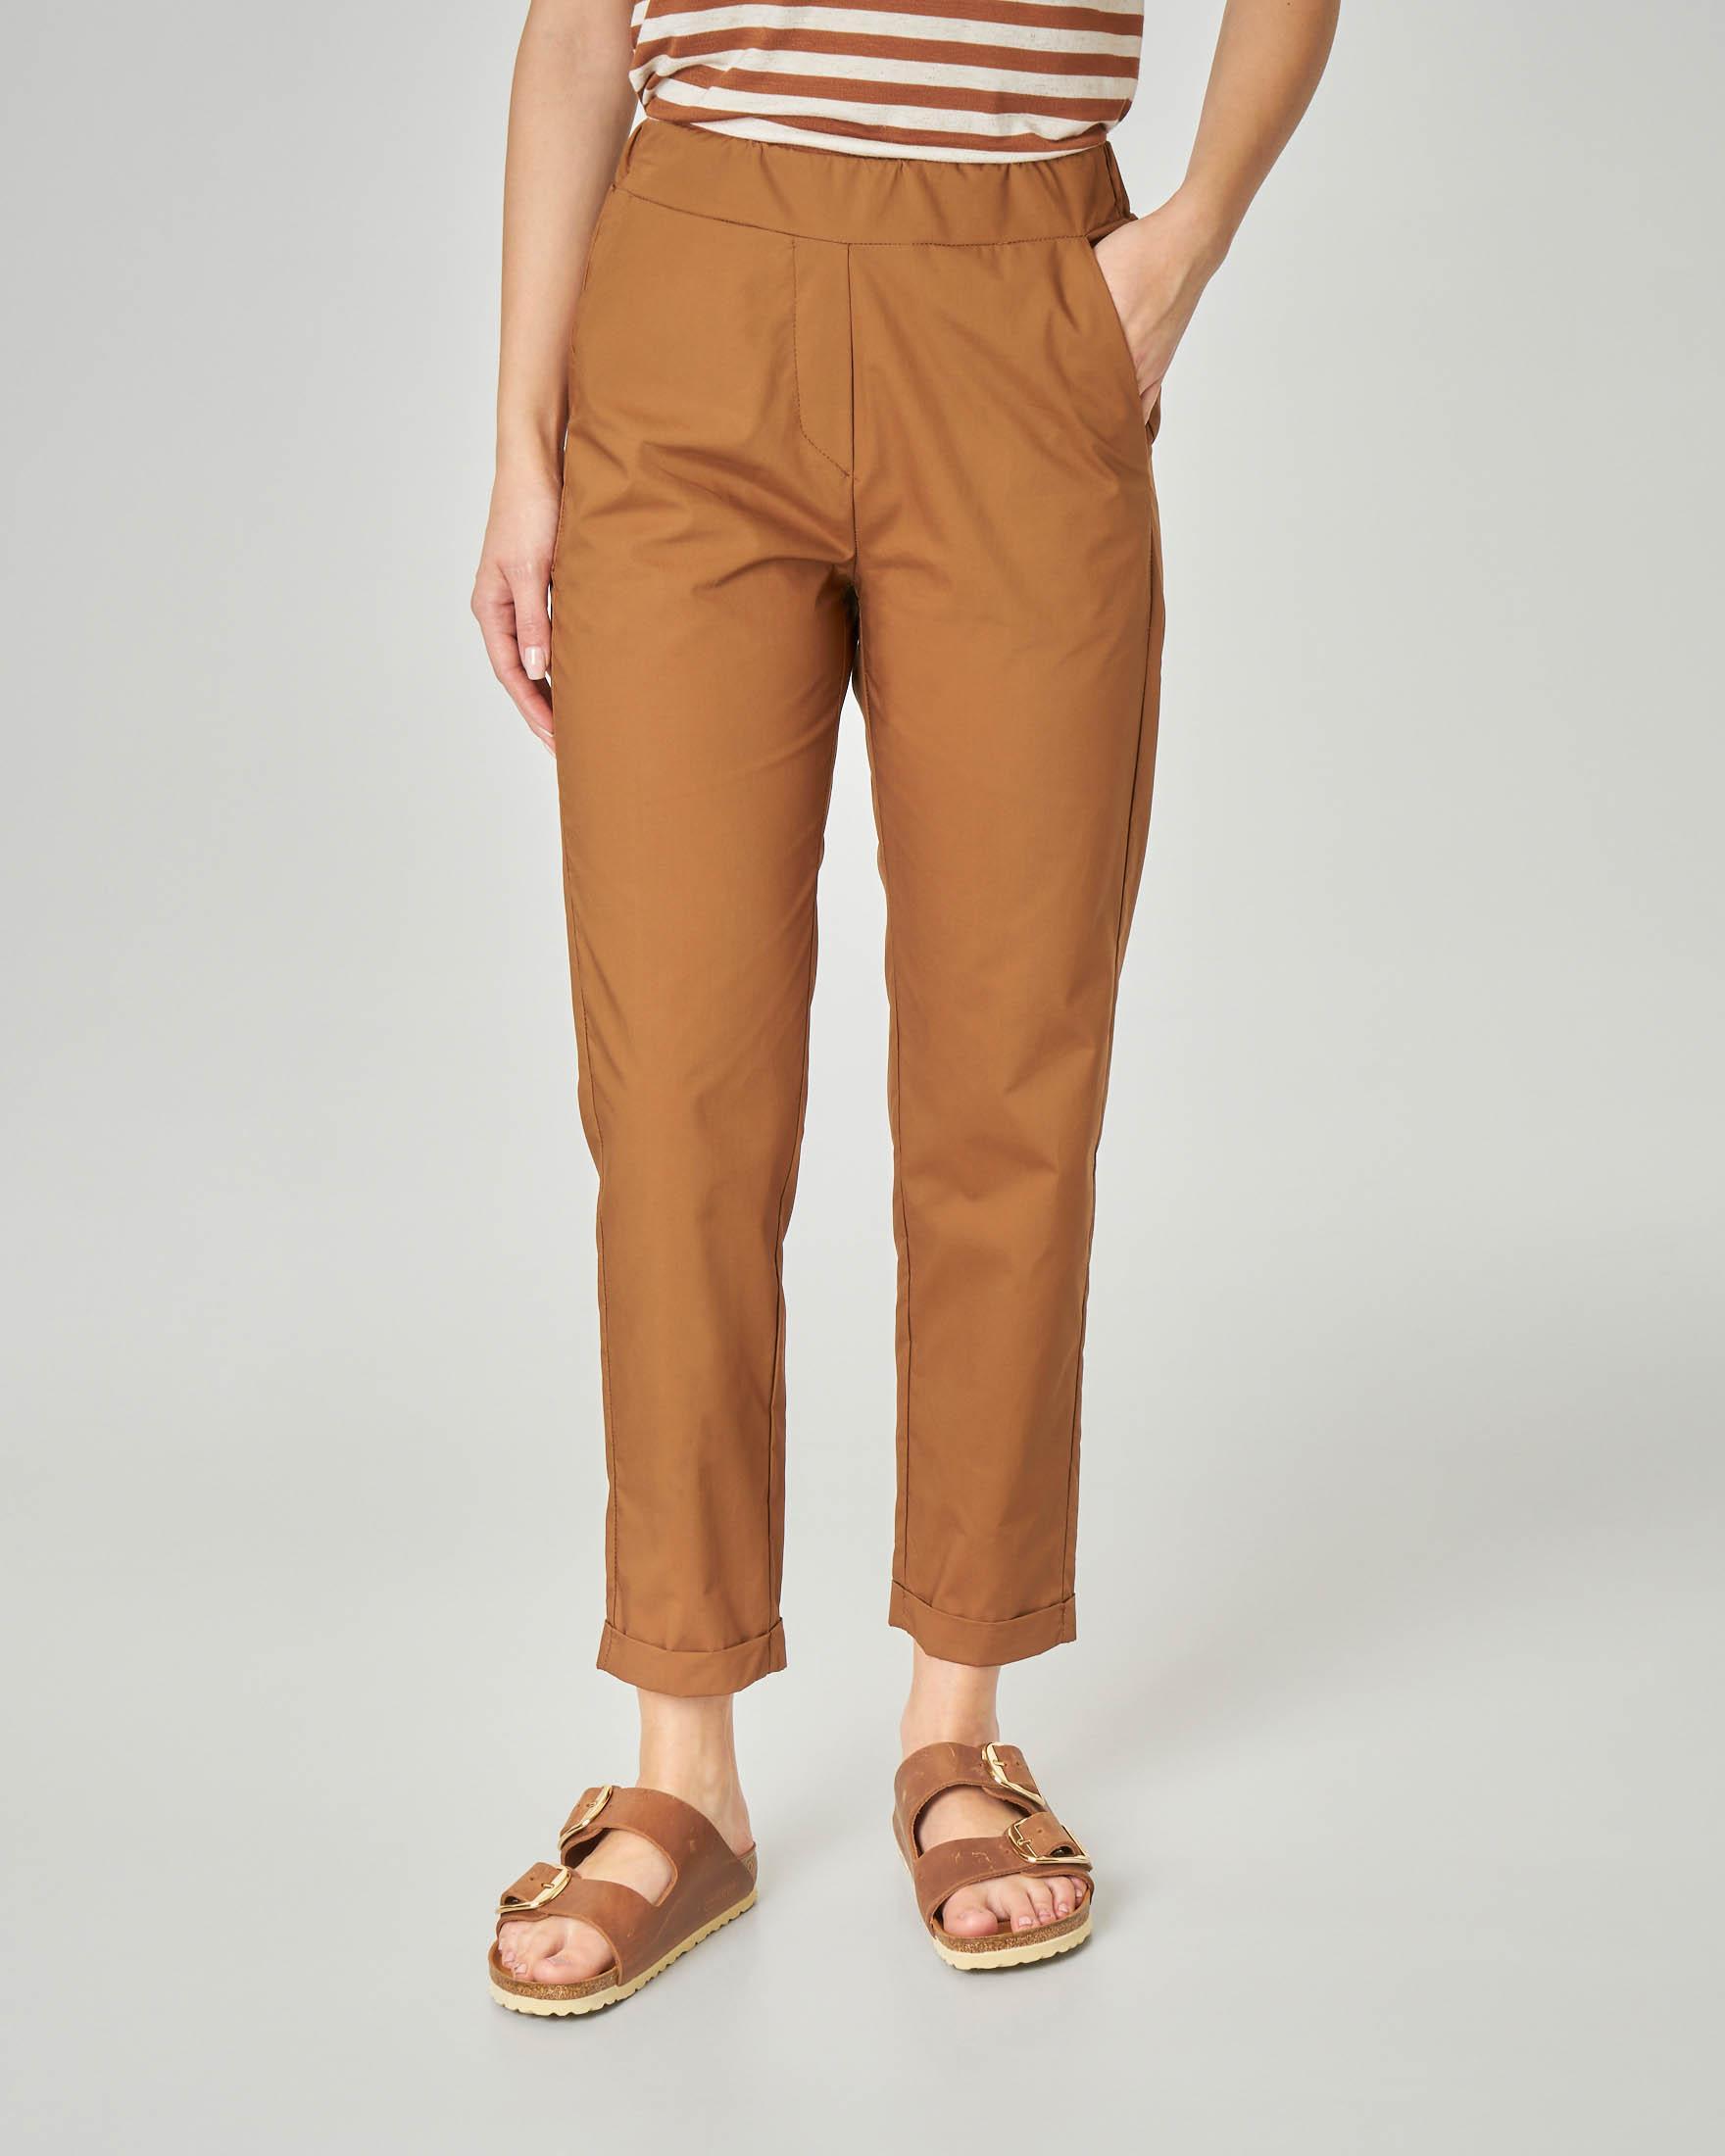 Pantaloni straight in cotone color tabacco con risvolto alla caviglia e elastico in vita